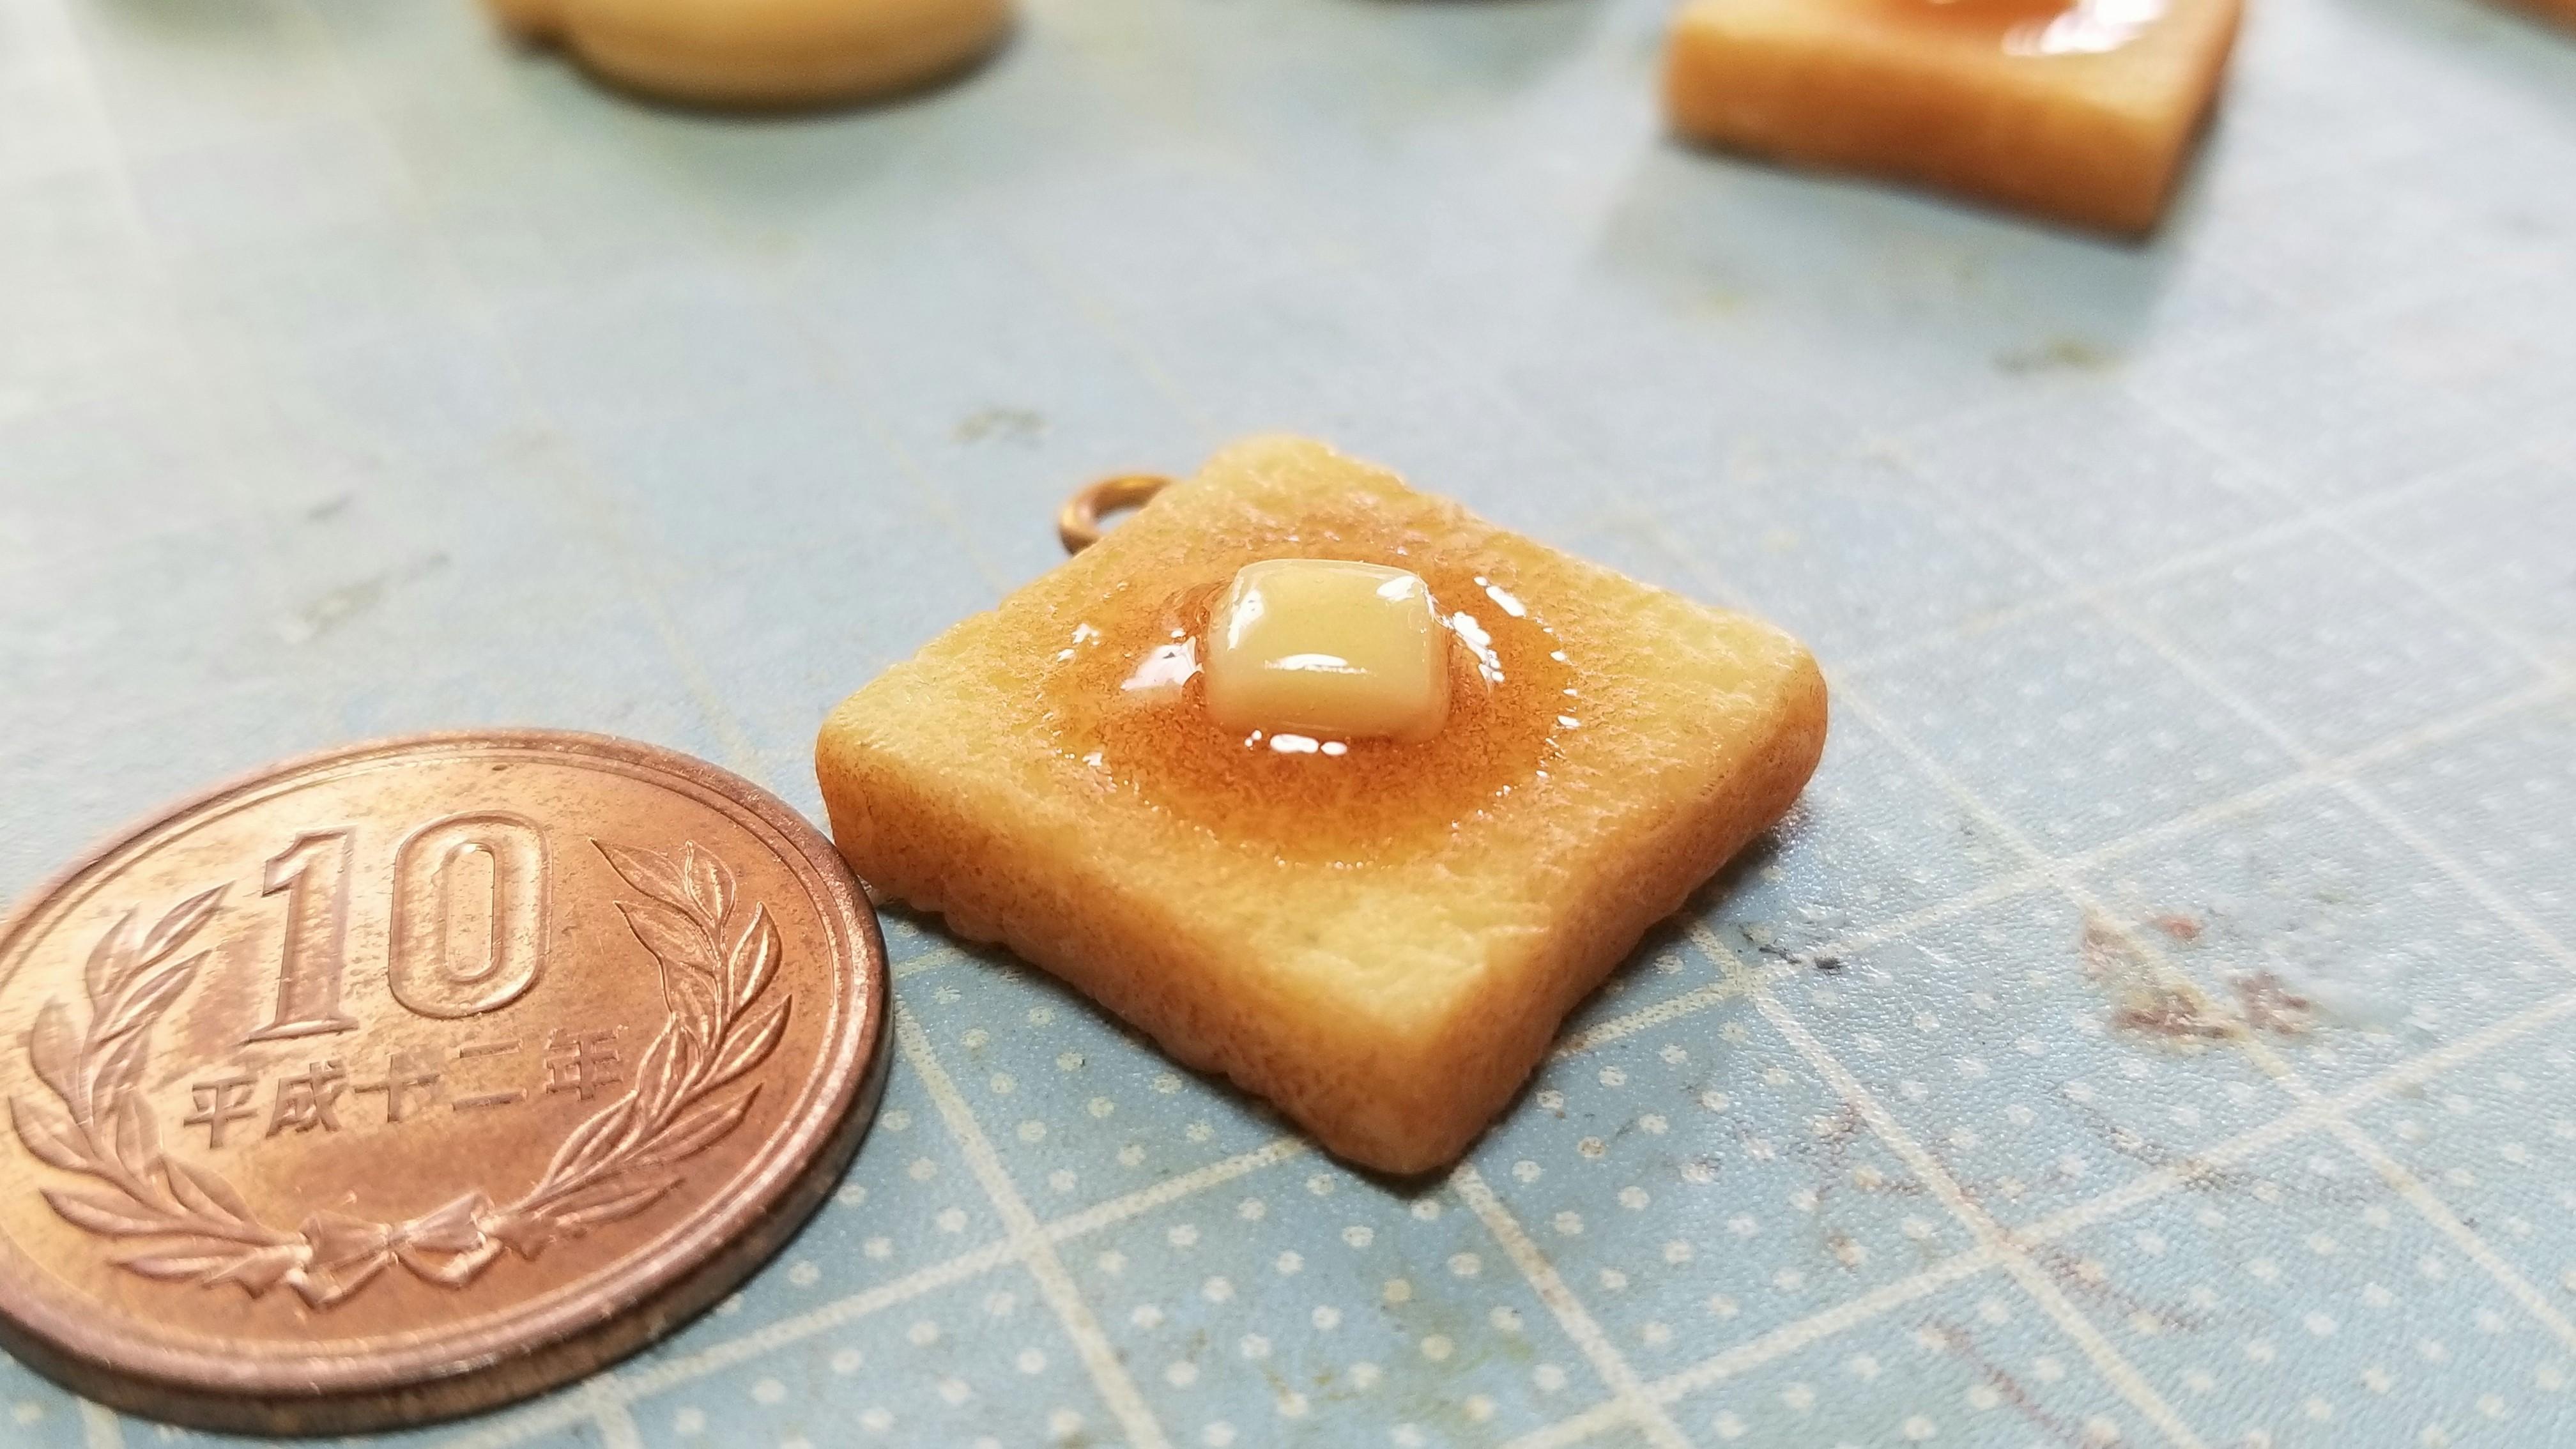 ミニチュアフード食パントーストおいしい人気おすすめブログ作り方